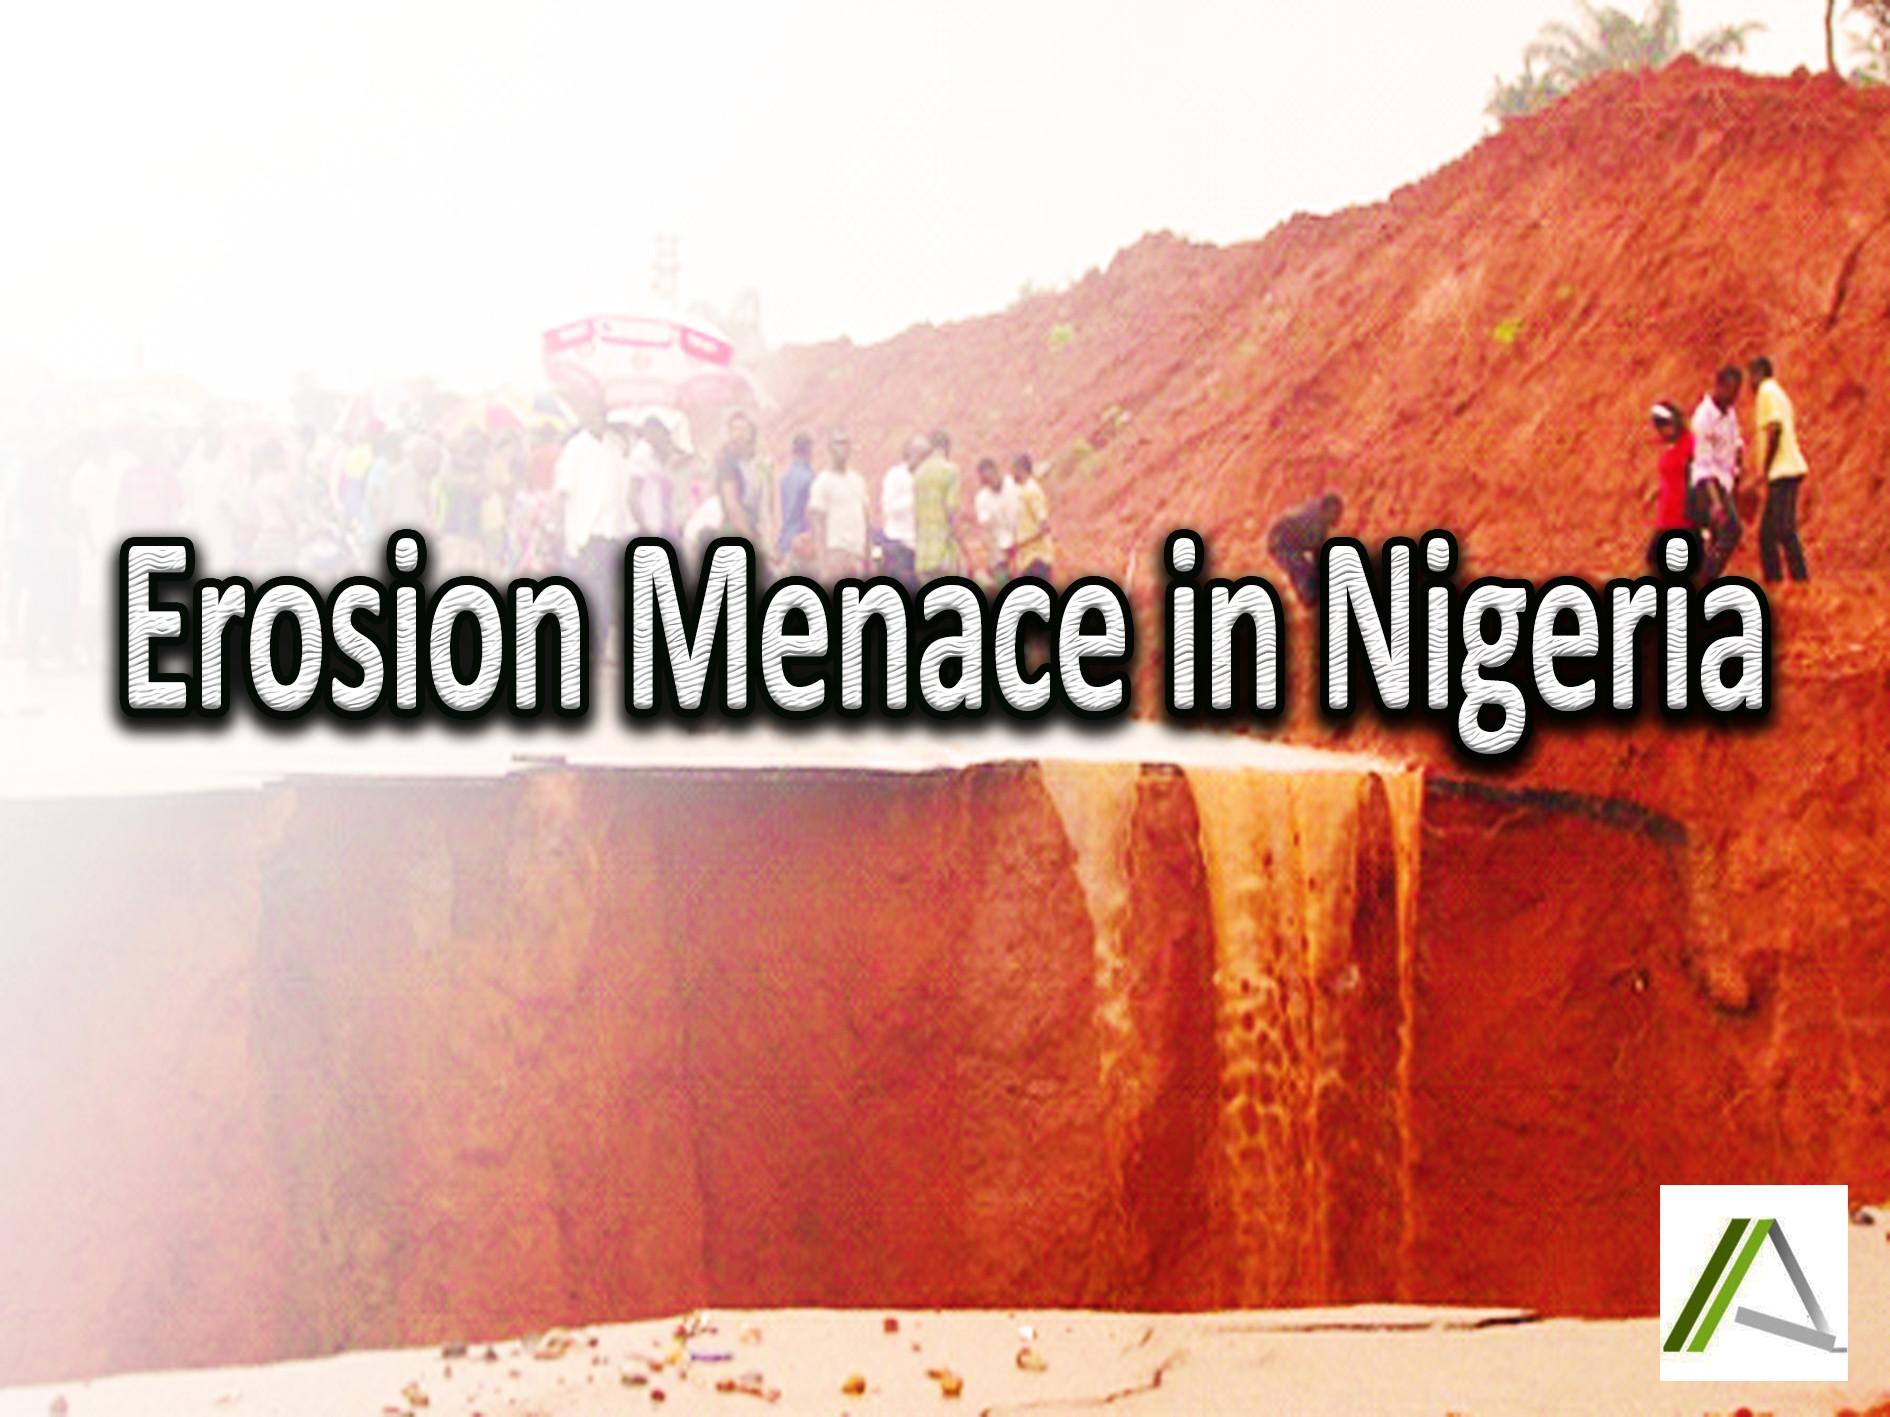 EROSION  MENACE  IN  NIGERIA